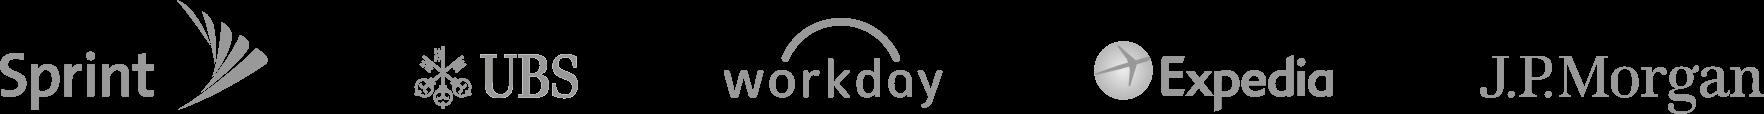 Logos von Sprint, UBS, Workday, Expedia und J.P. Morgan